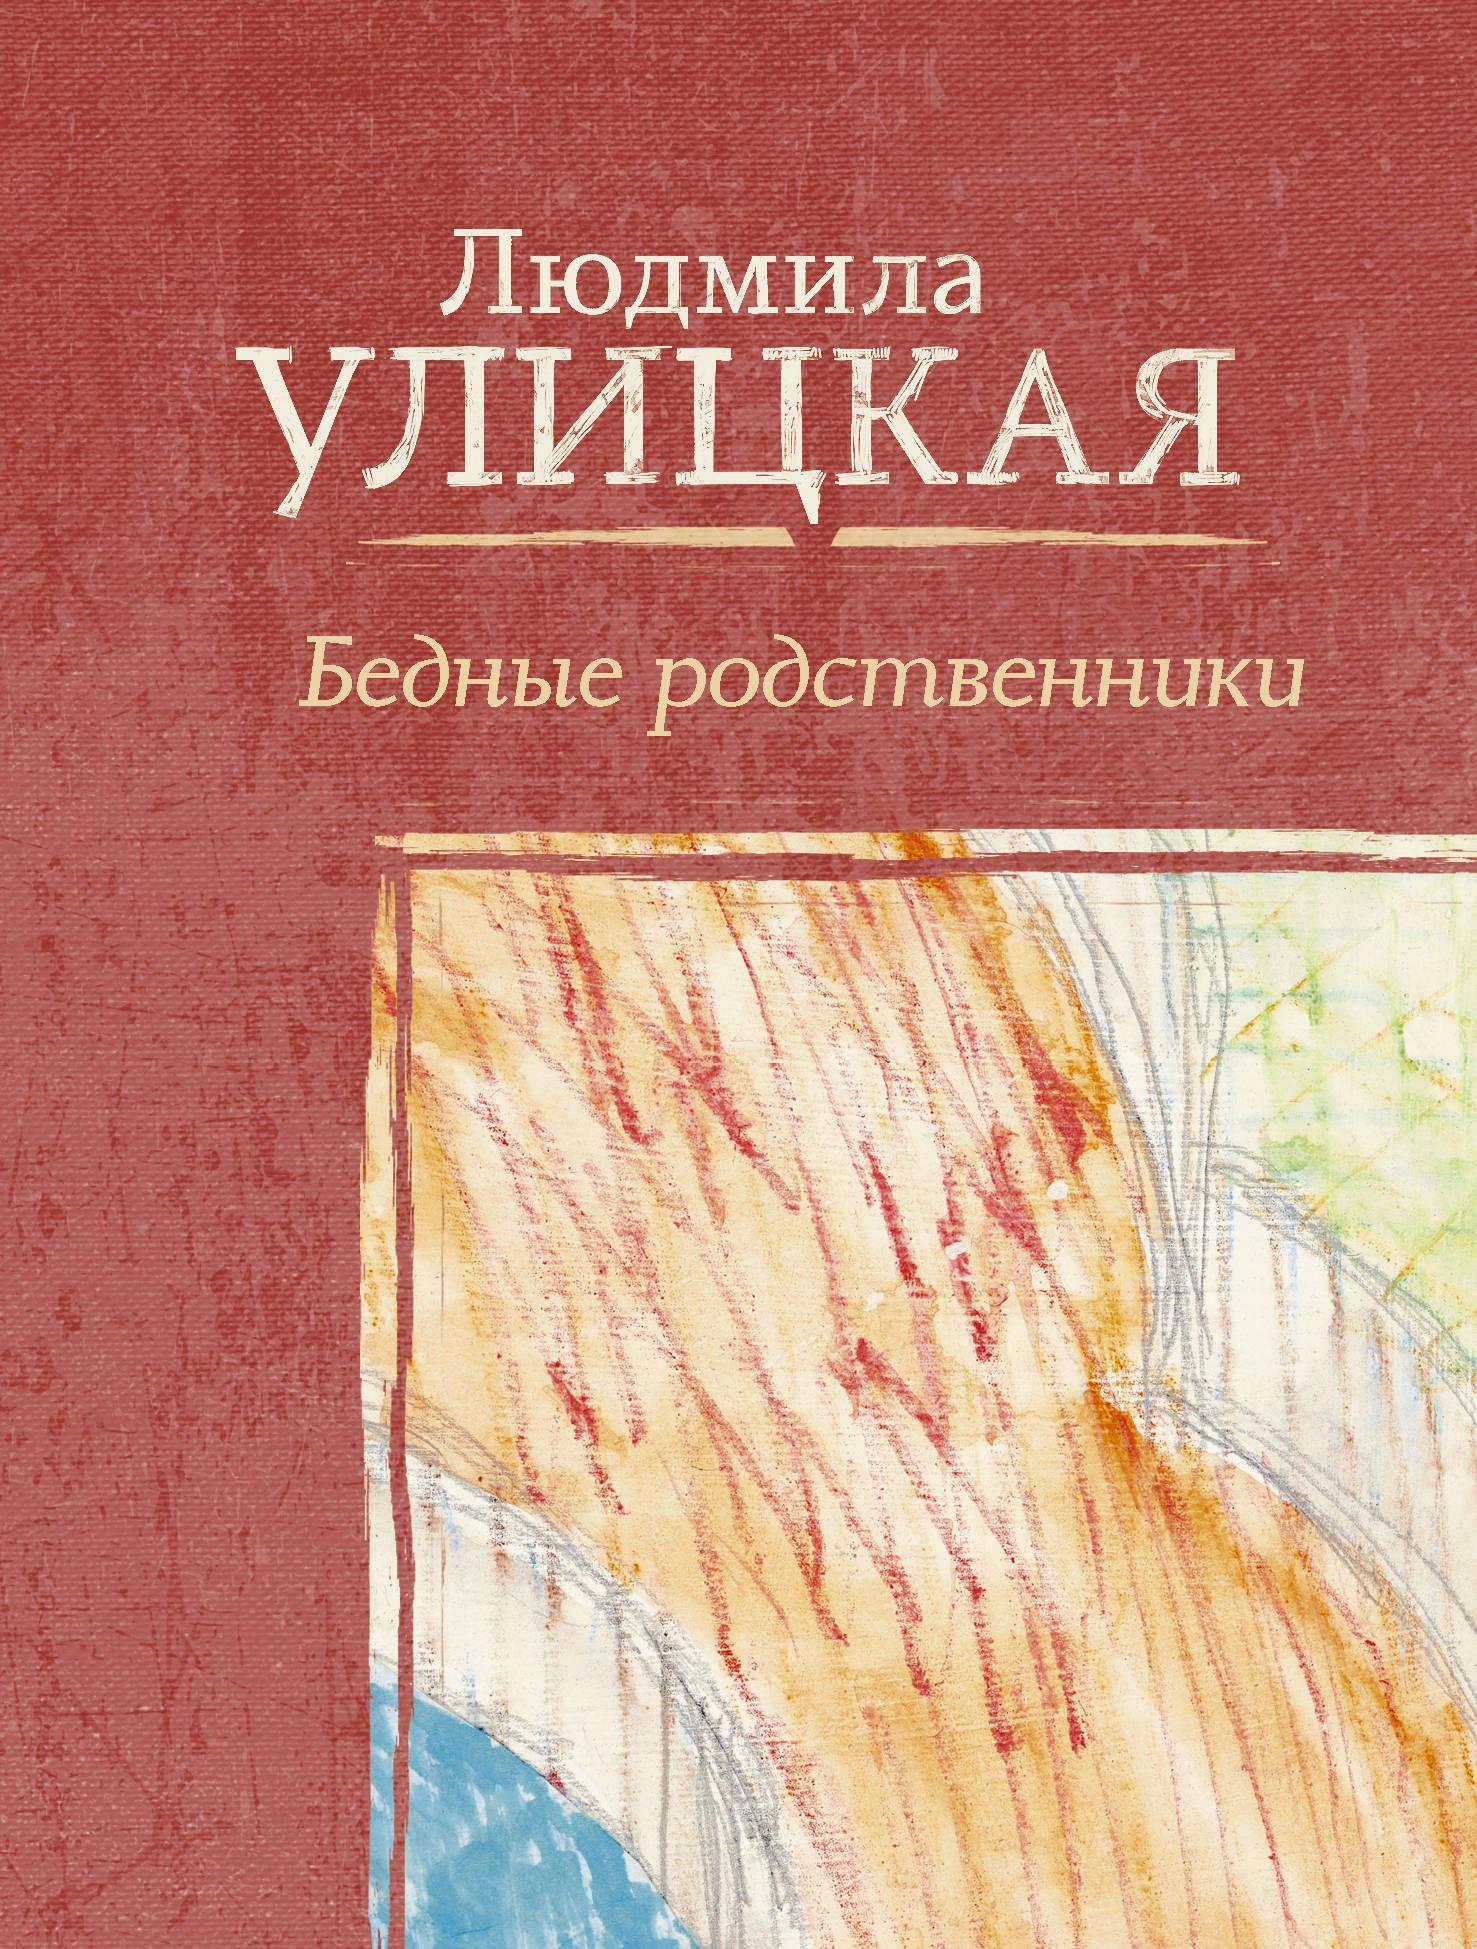 Людмила Улицкая Бедные родственники улицкая л бедные родственники